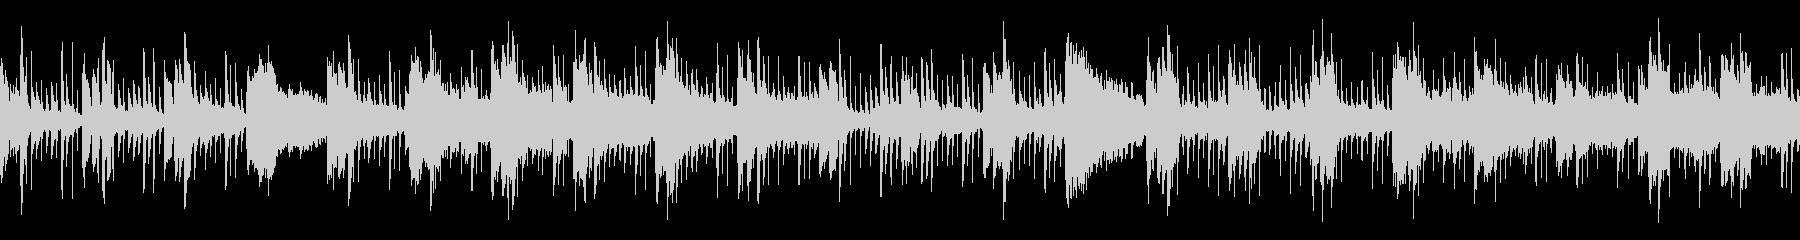 エレクトロニック シンセサイザー ...の未再生の波形